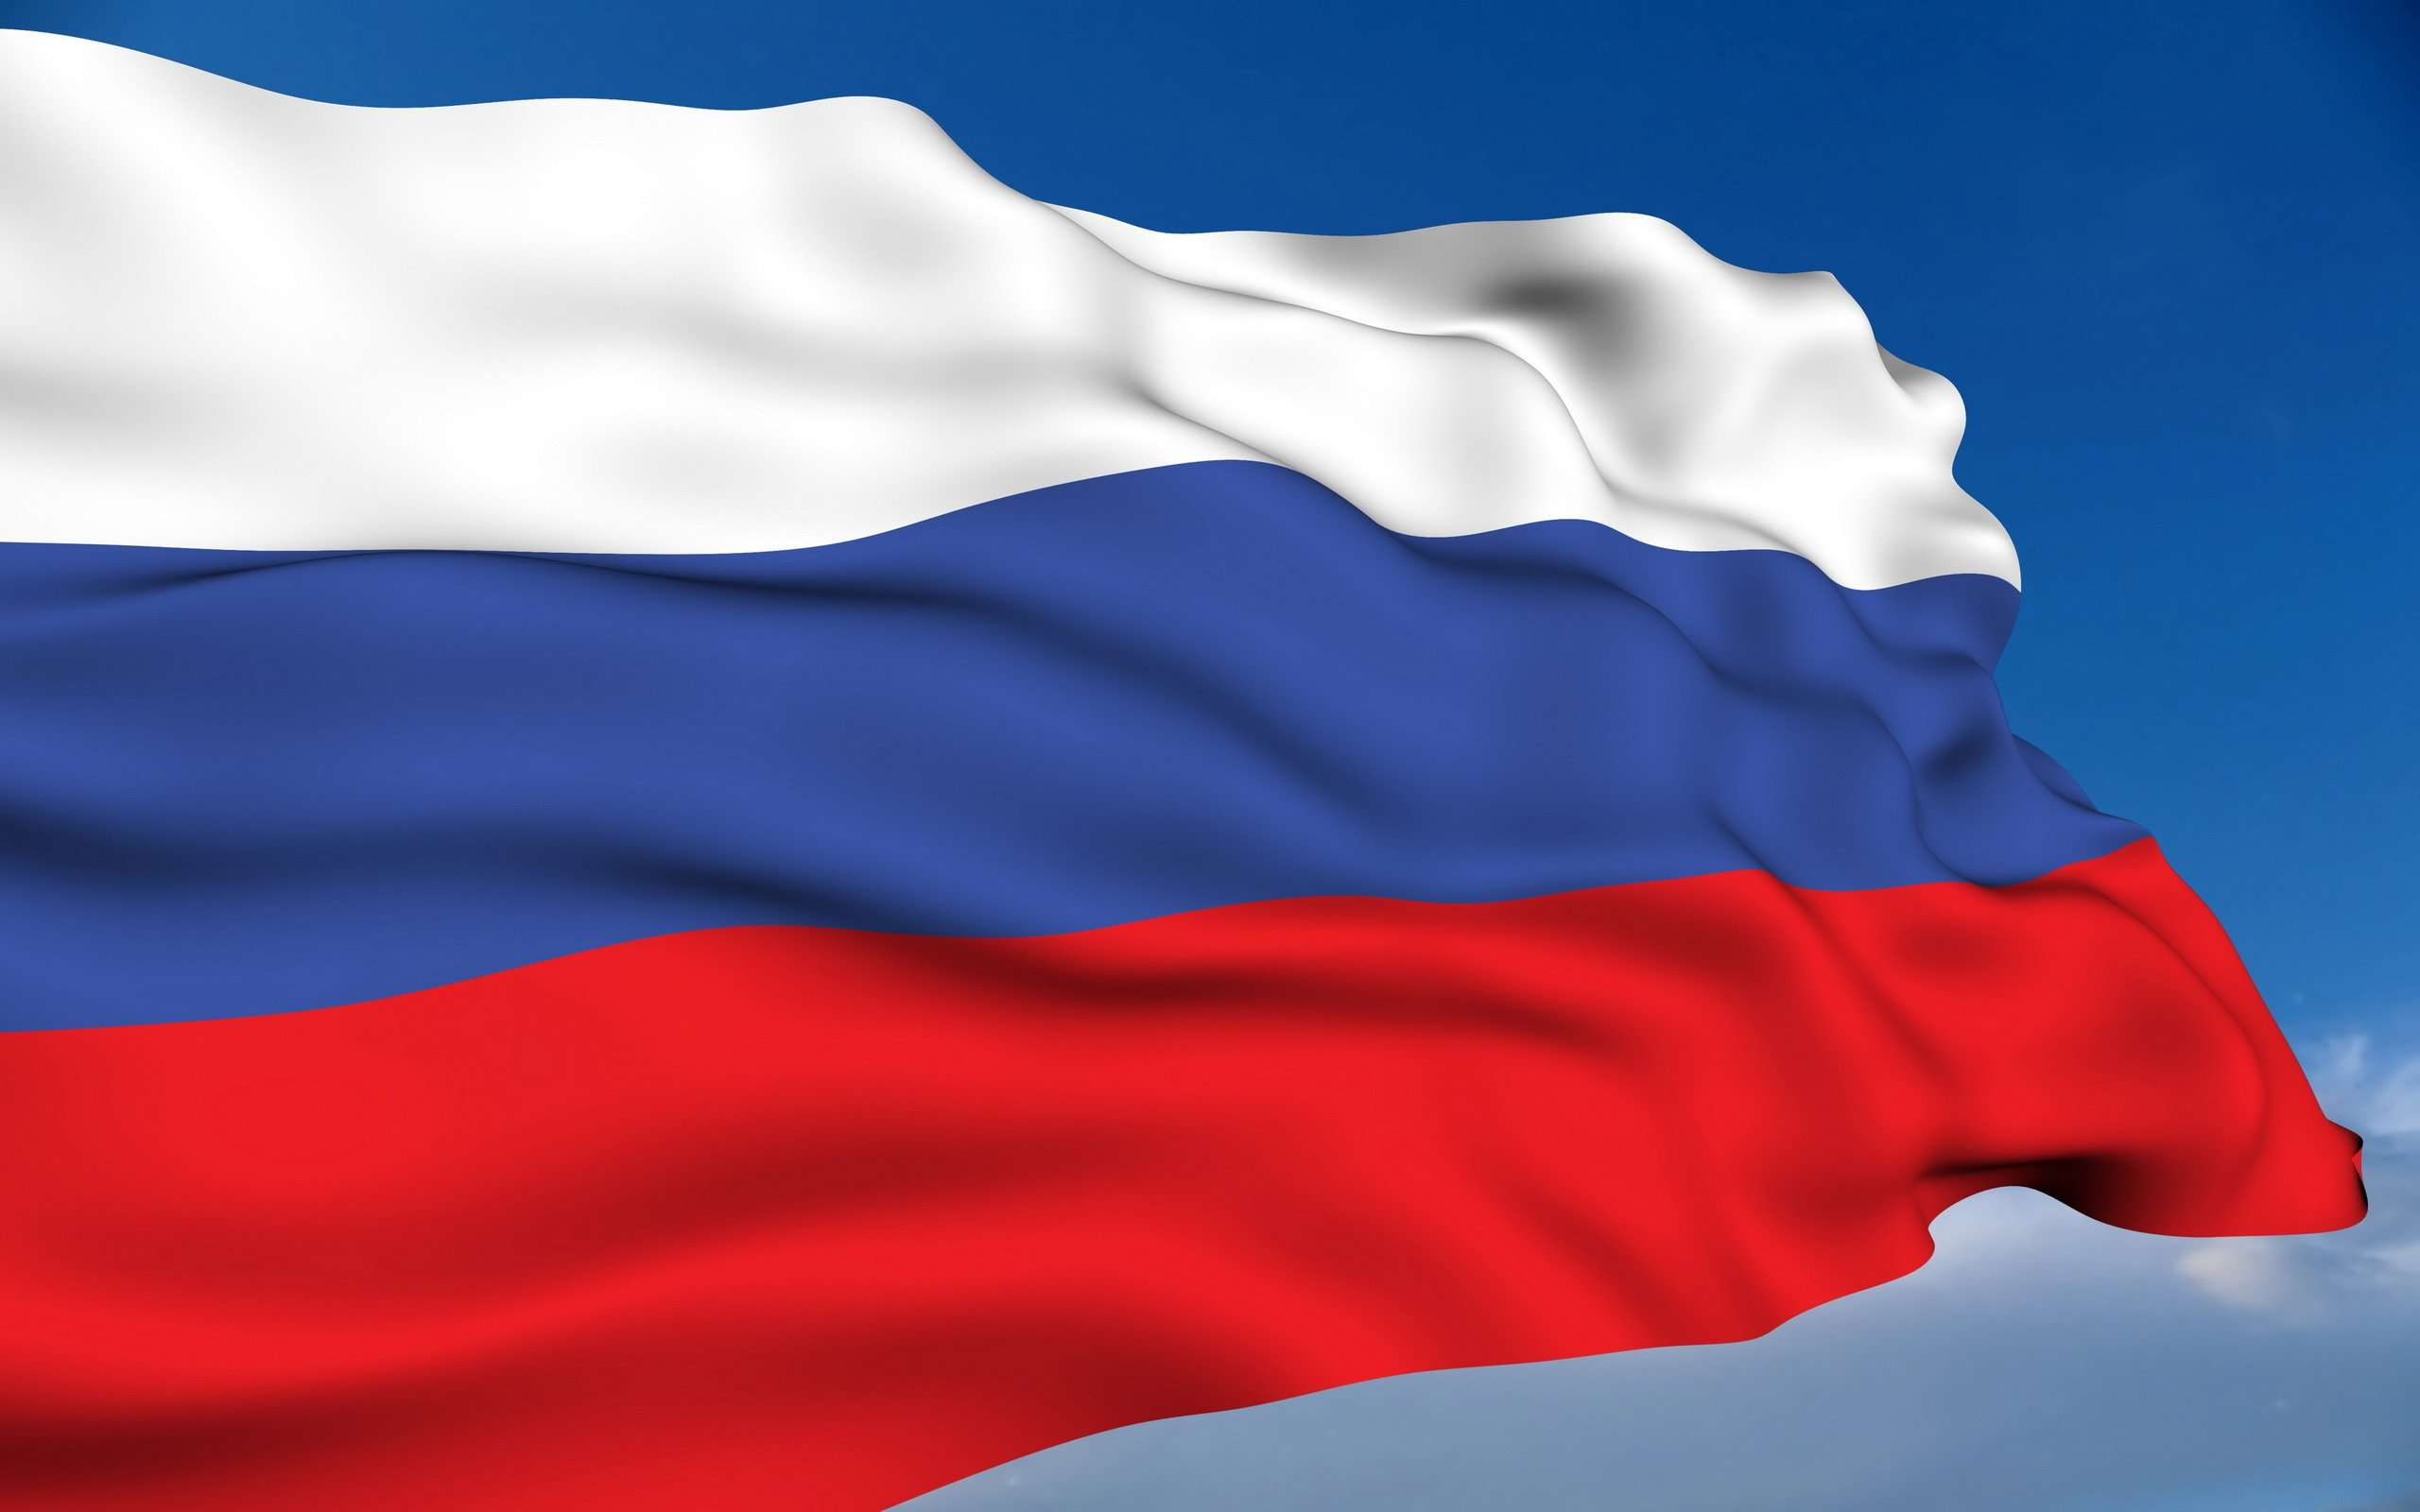 رشوه و جرایم مالی در روسیه بیداد میکند!